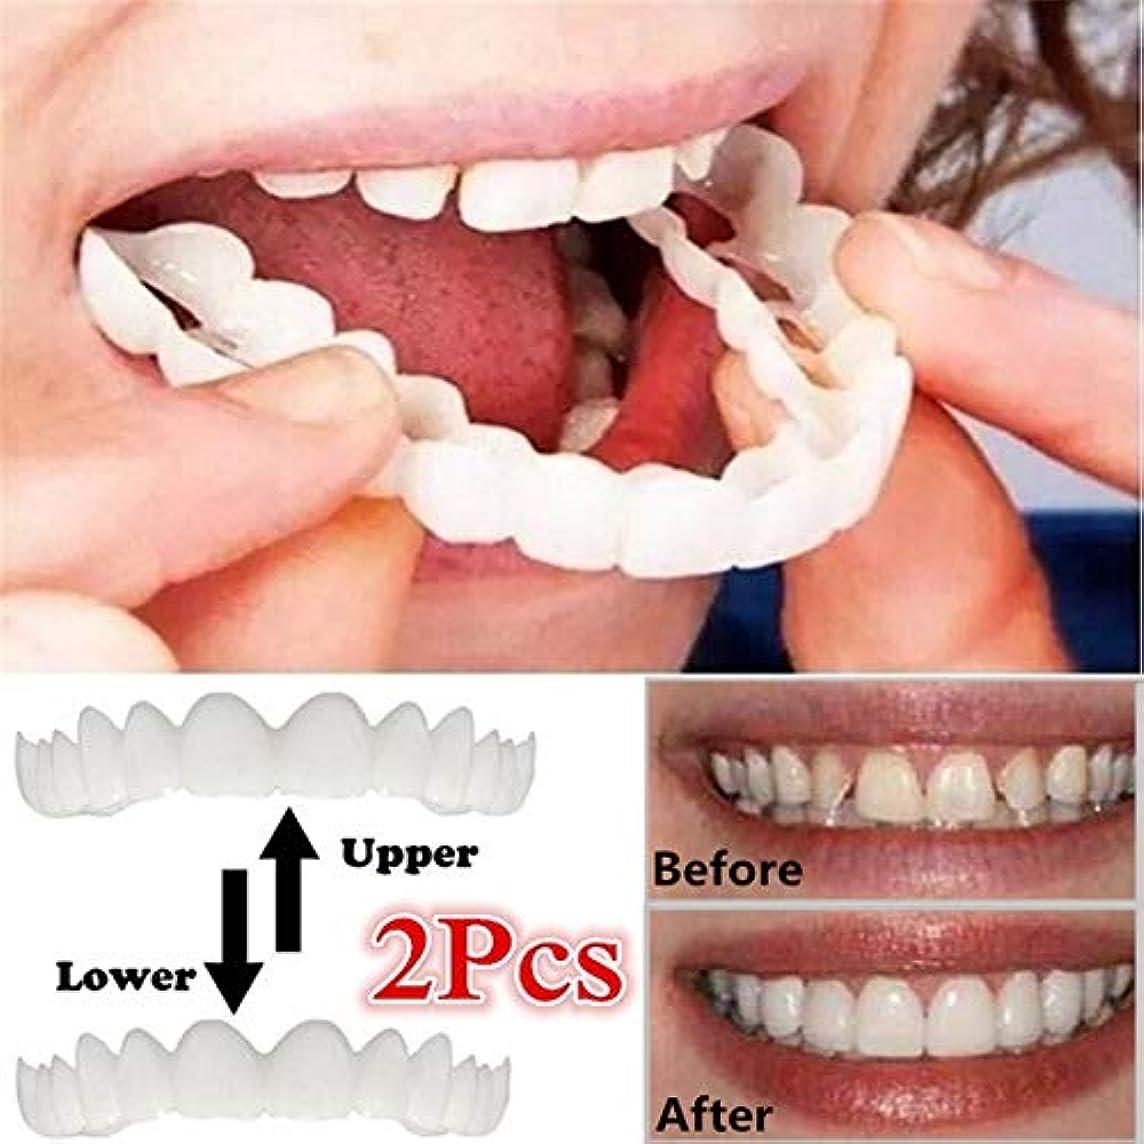 トーナメント天井ヘッドレス新しい1対の模擬歯の笑顔が、最も快適な上下の歯のベニア(一番下と一番上)のための柔らかい歯に快適にフィット